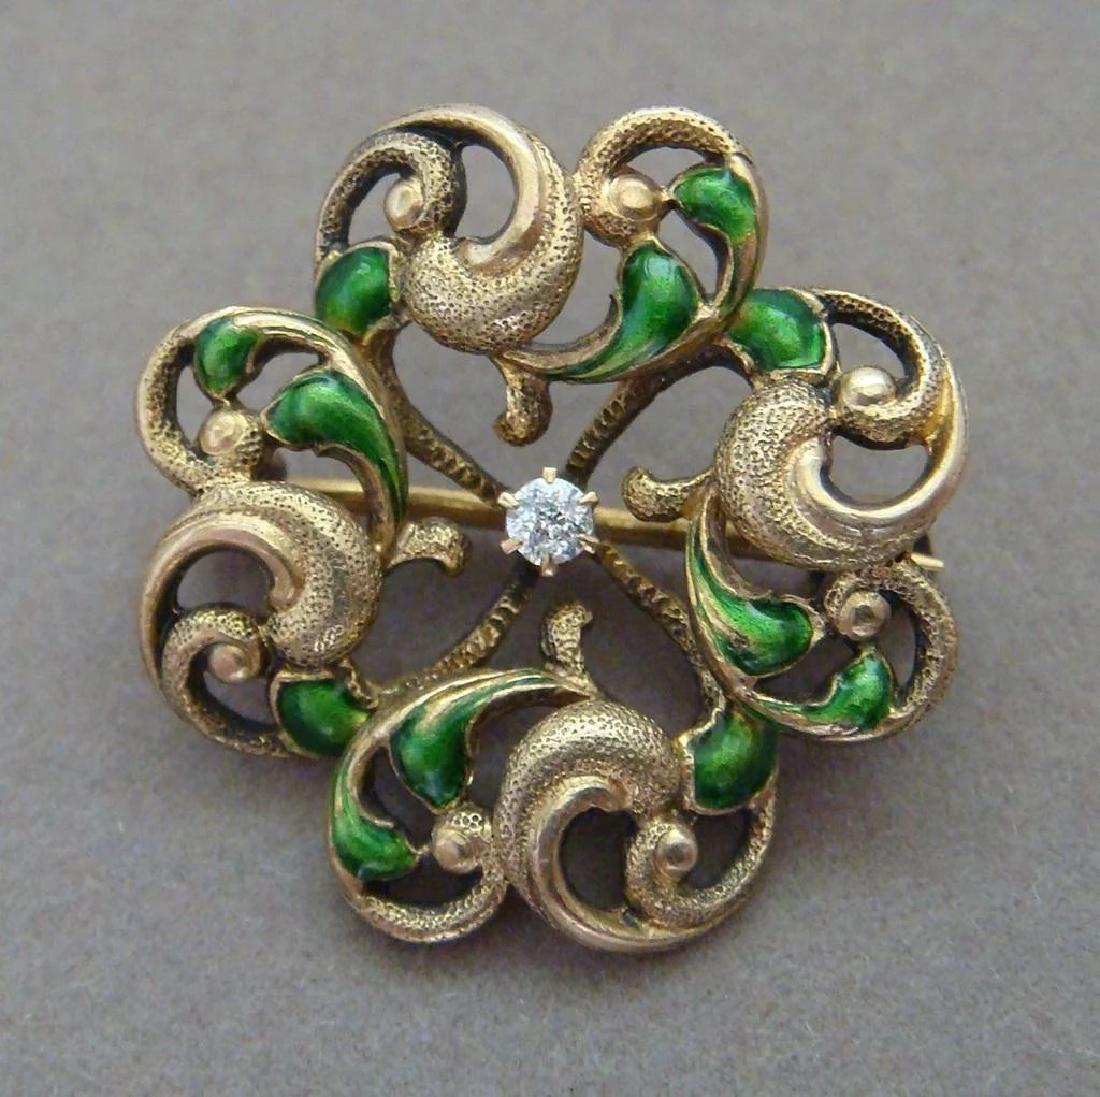 Art Nouveau 14K Gold Green Enamel Diamond Brooch - 4